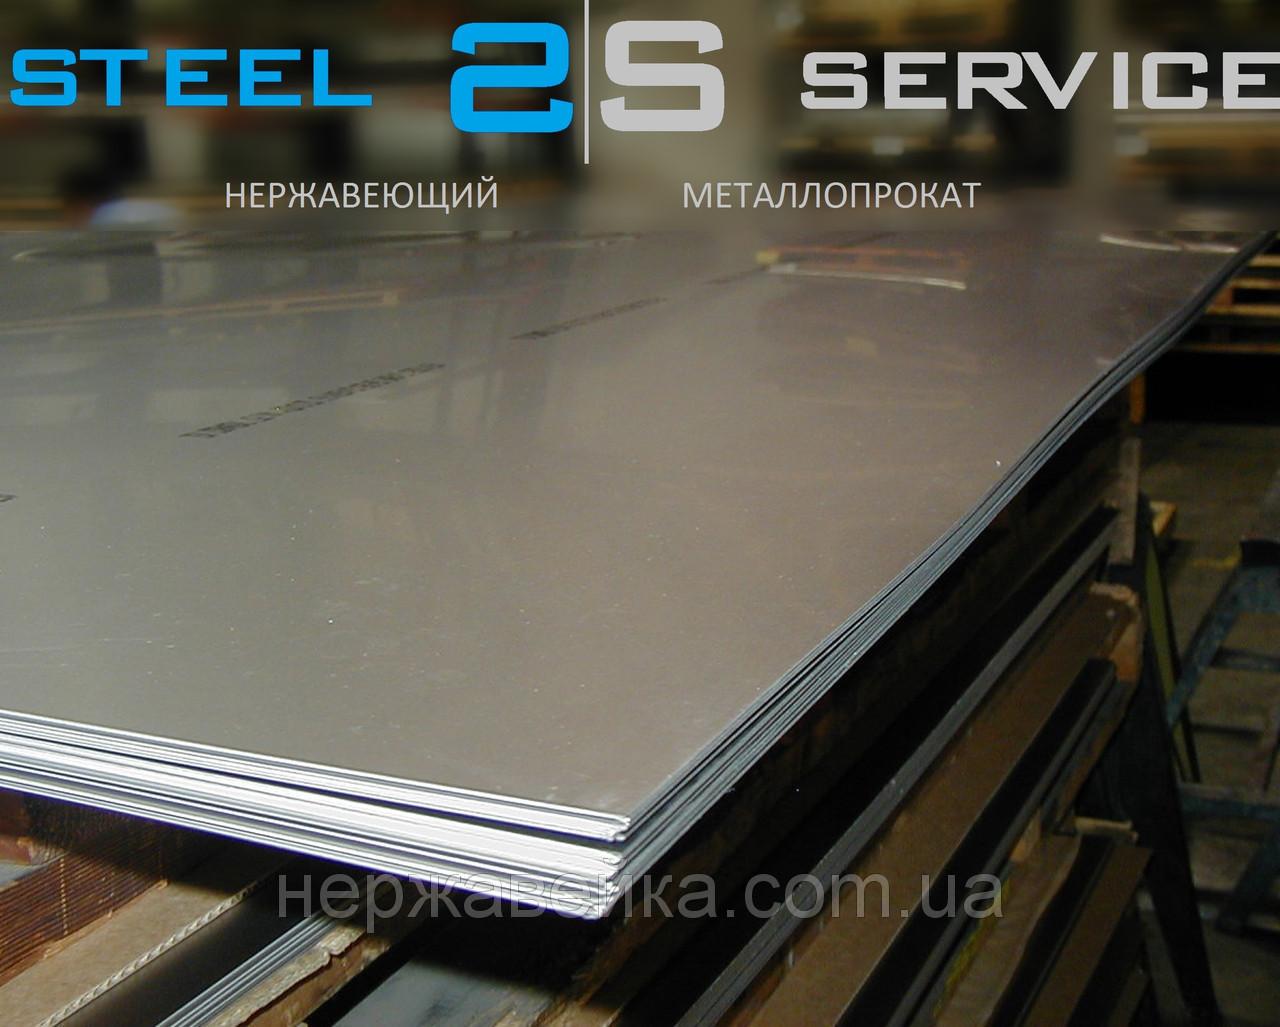 Нержавейка лист  1,5х1250х2500мм AISI 304(08Х18Н10) 2B DECO, декоративный в пленке, кожа